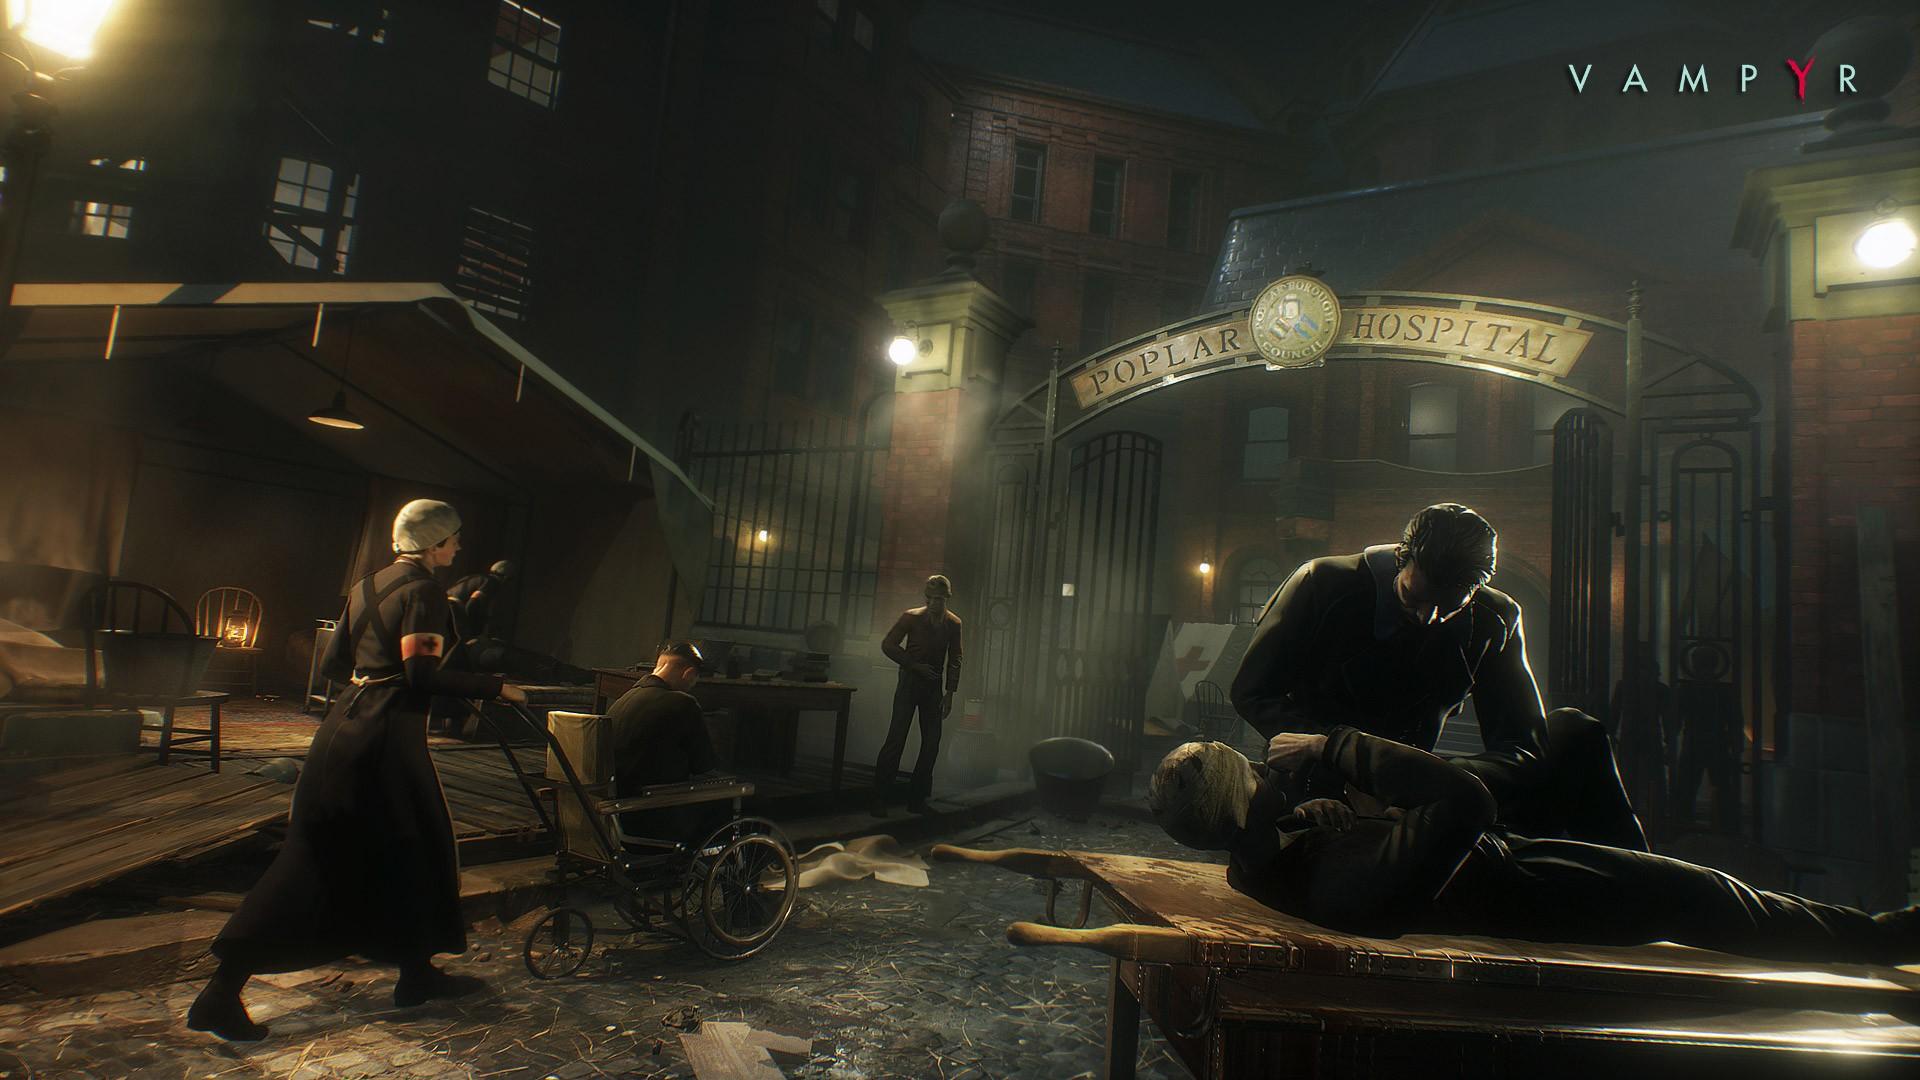 سیستم مورد نیاز برای اجرای بازی Vampyr در رزولوشن ۴K اعلام شد